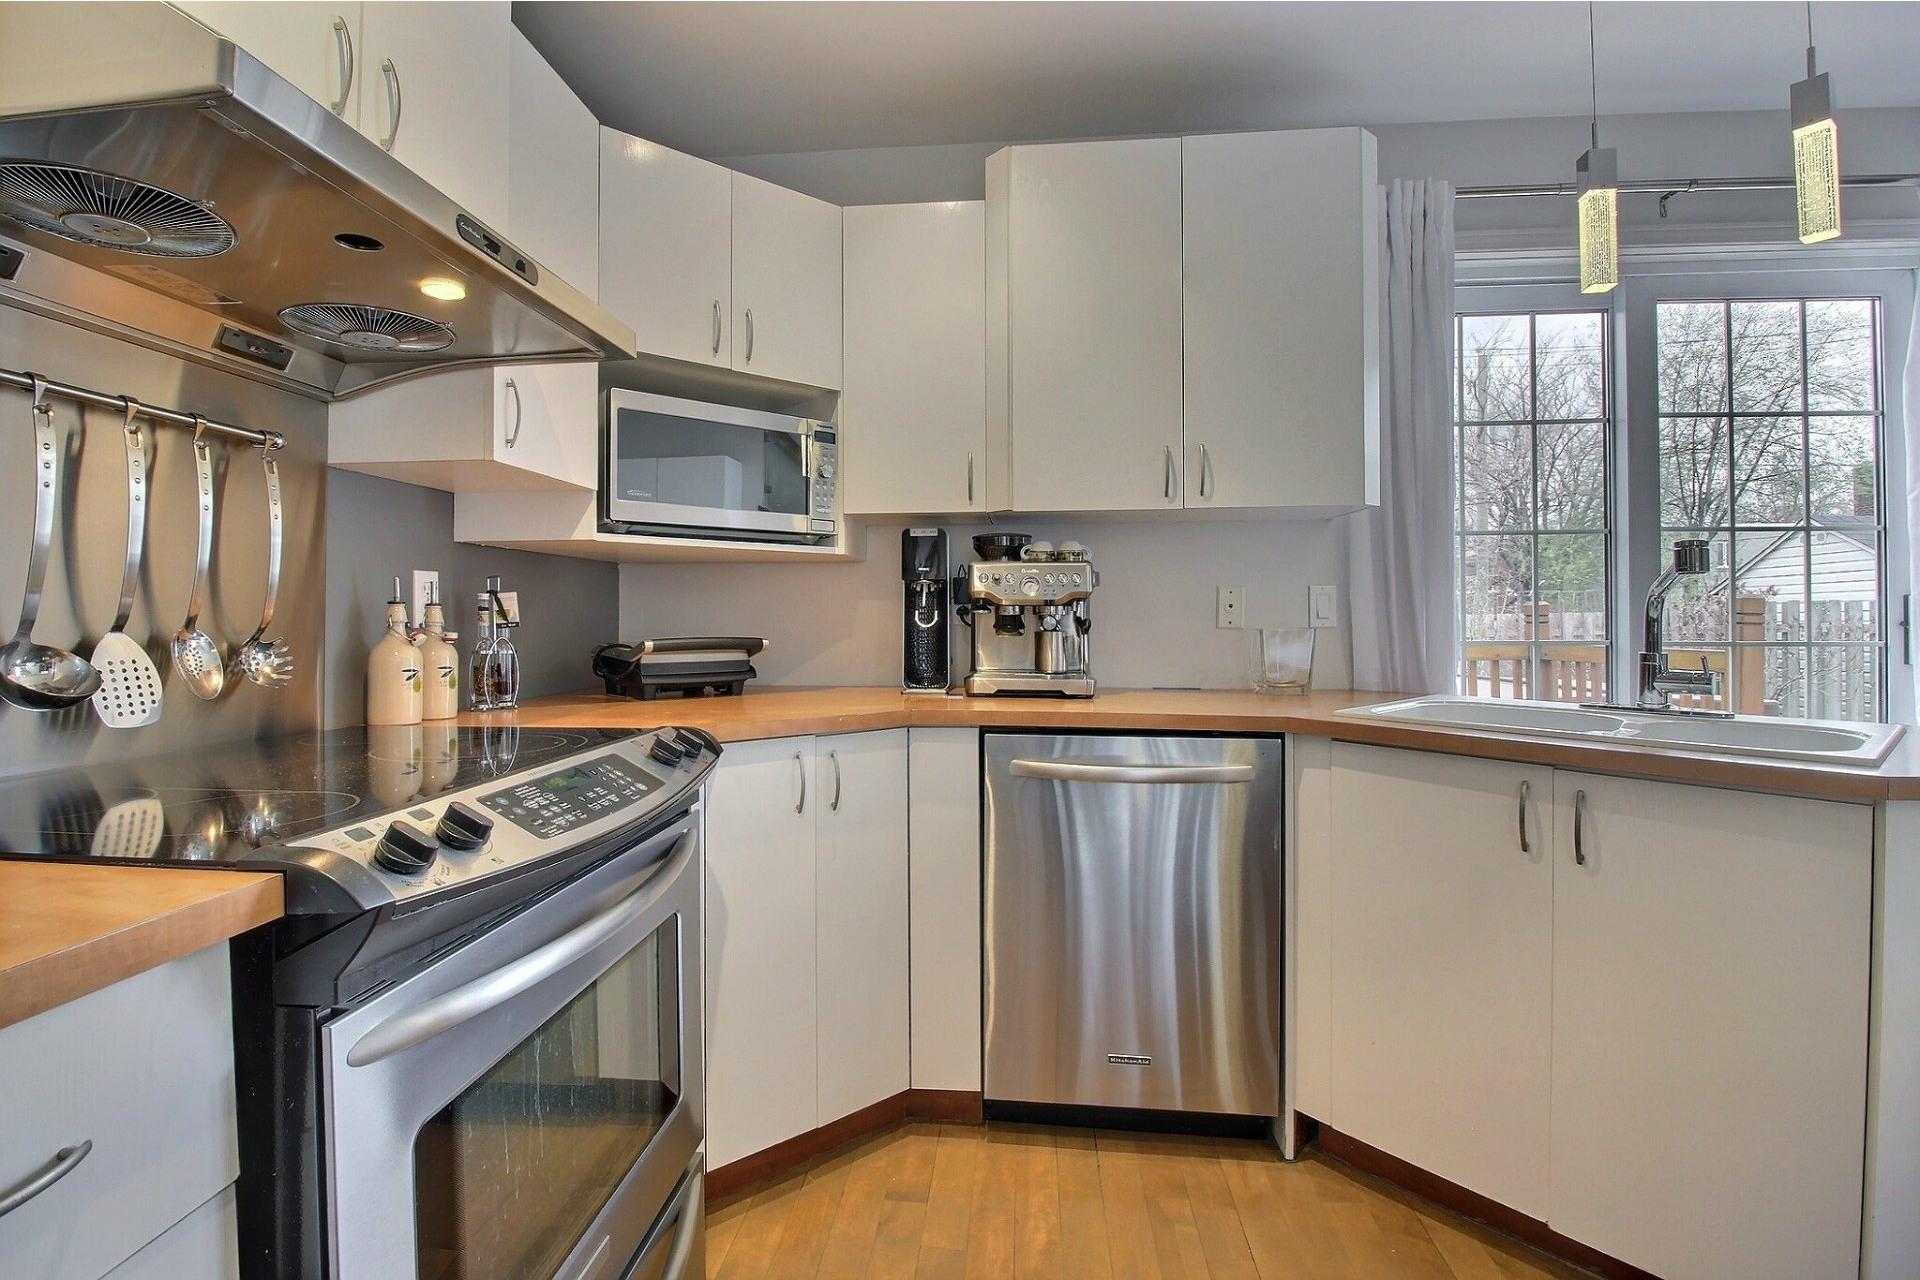 image 7 - House For sale Mercier/Hochelaga-Maisonneuve Montréal  - 7 rooms